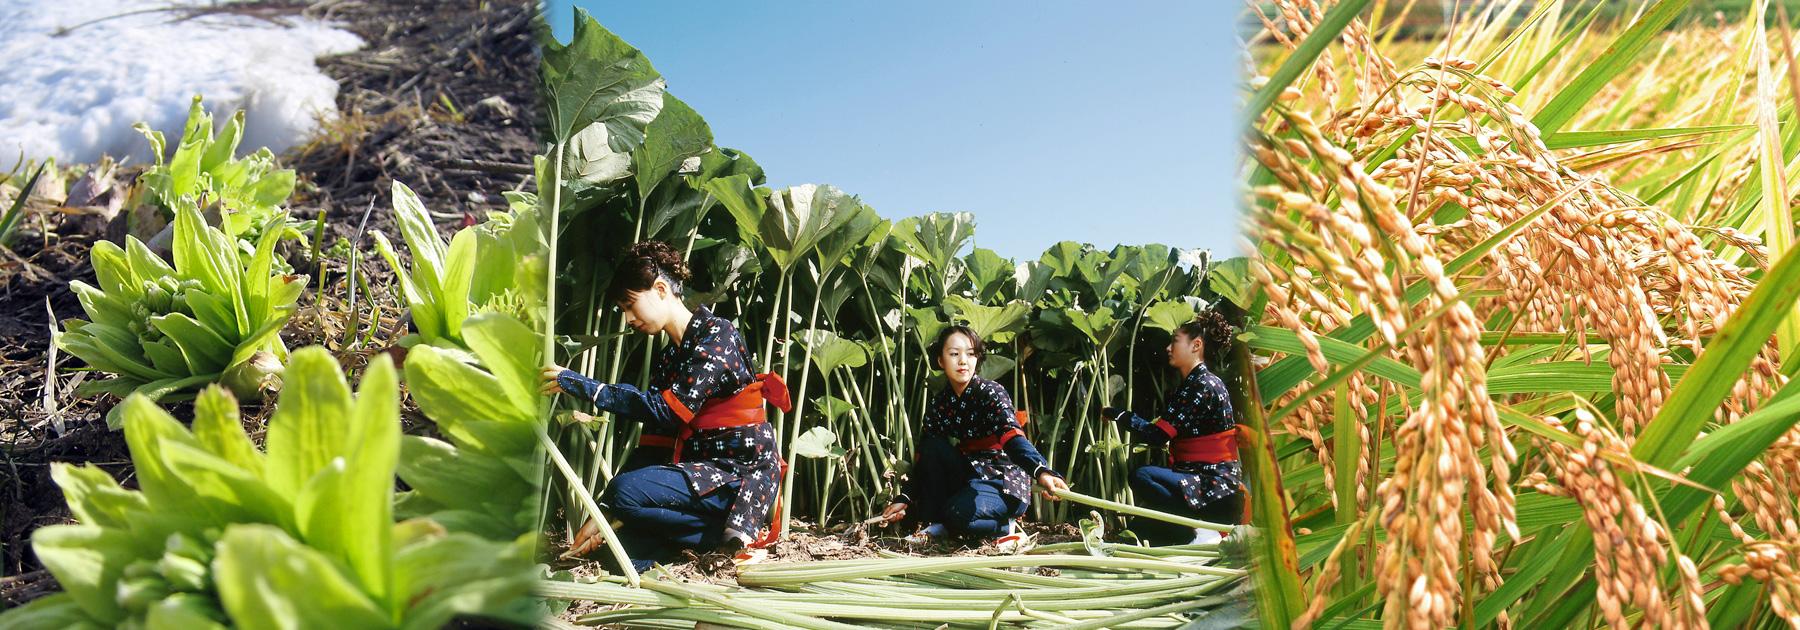 秋田県栄養士会